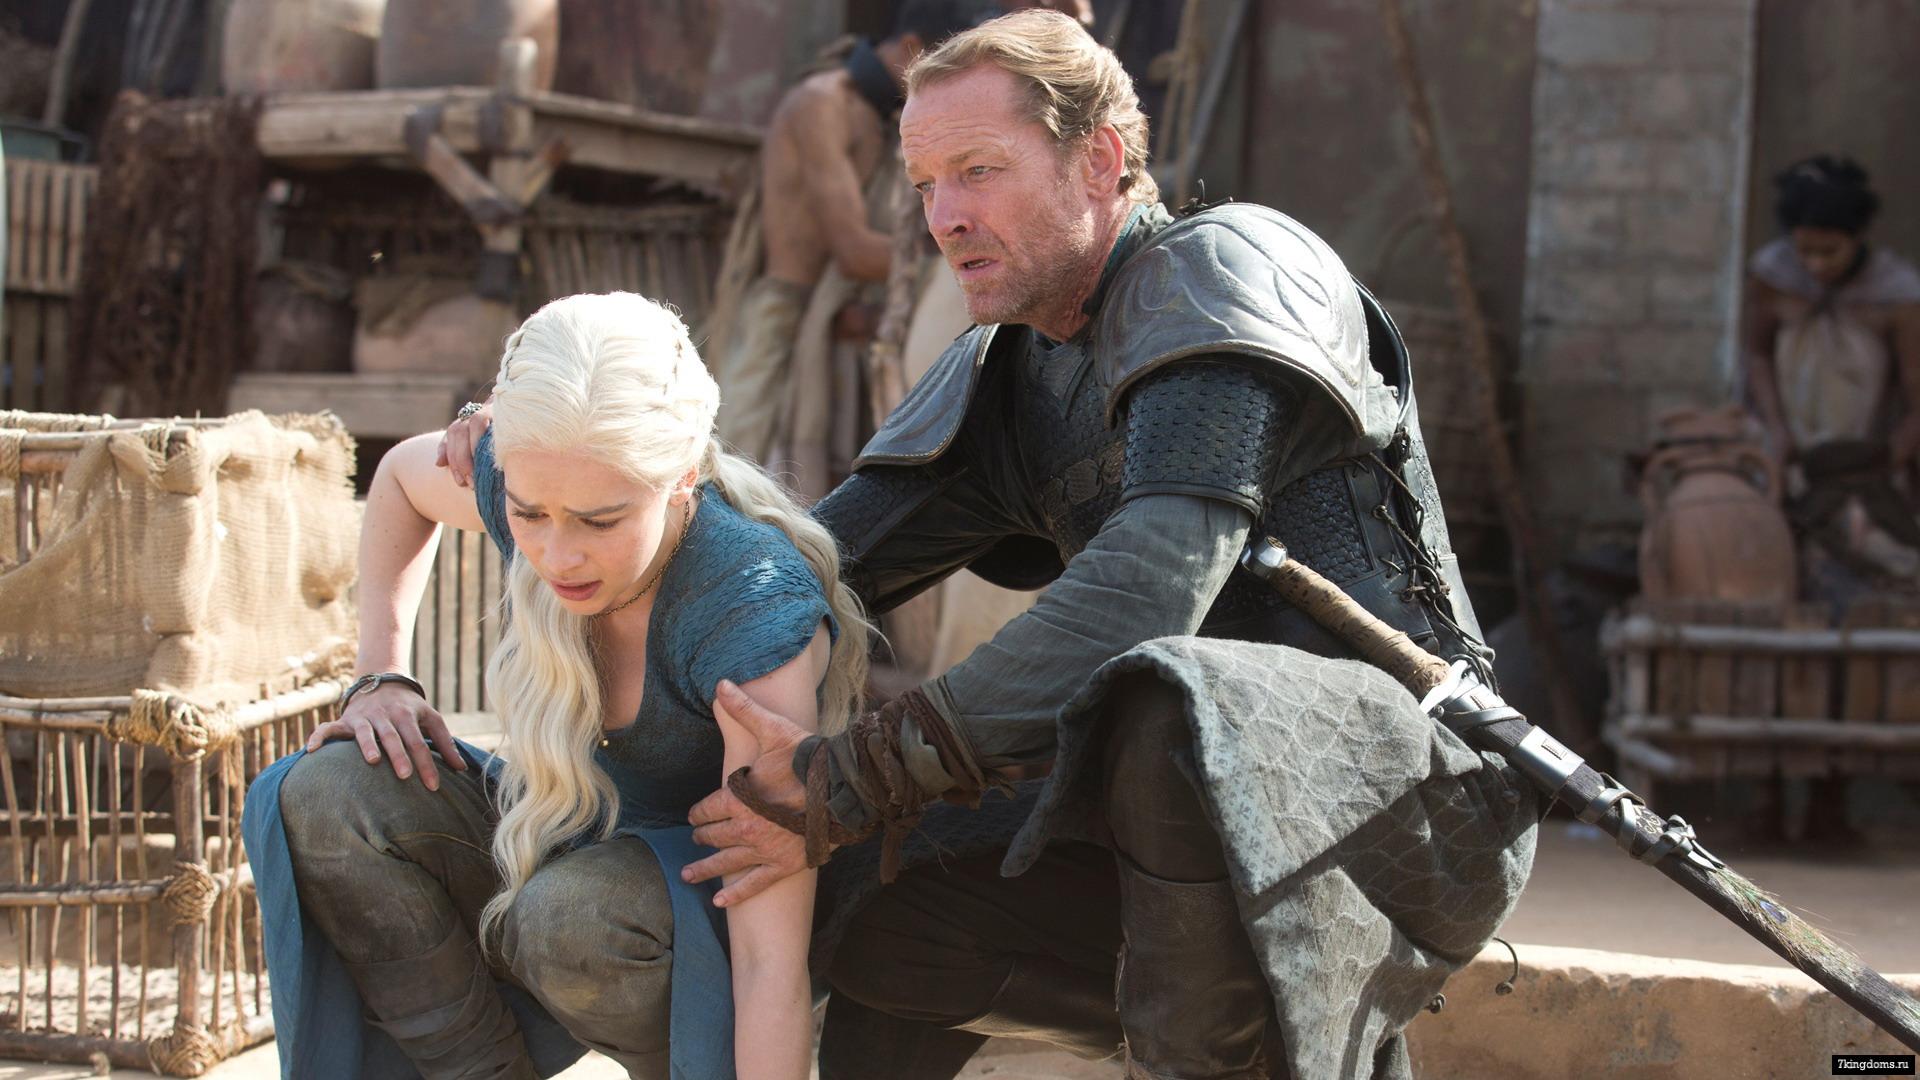 Dany and Jorah